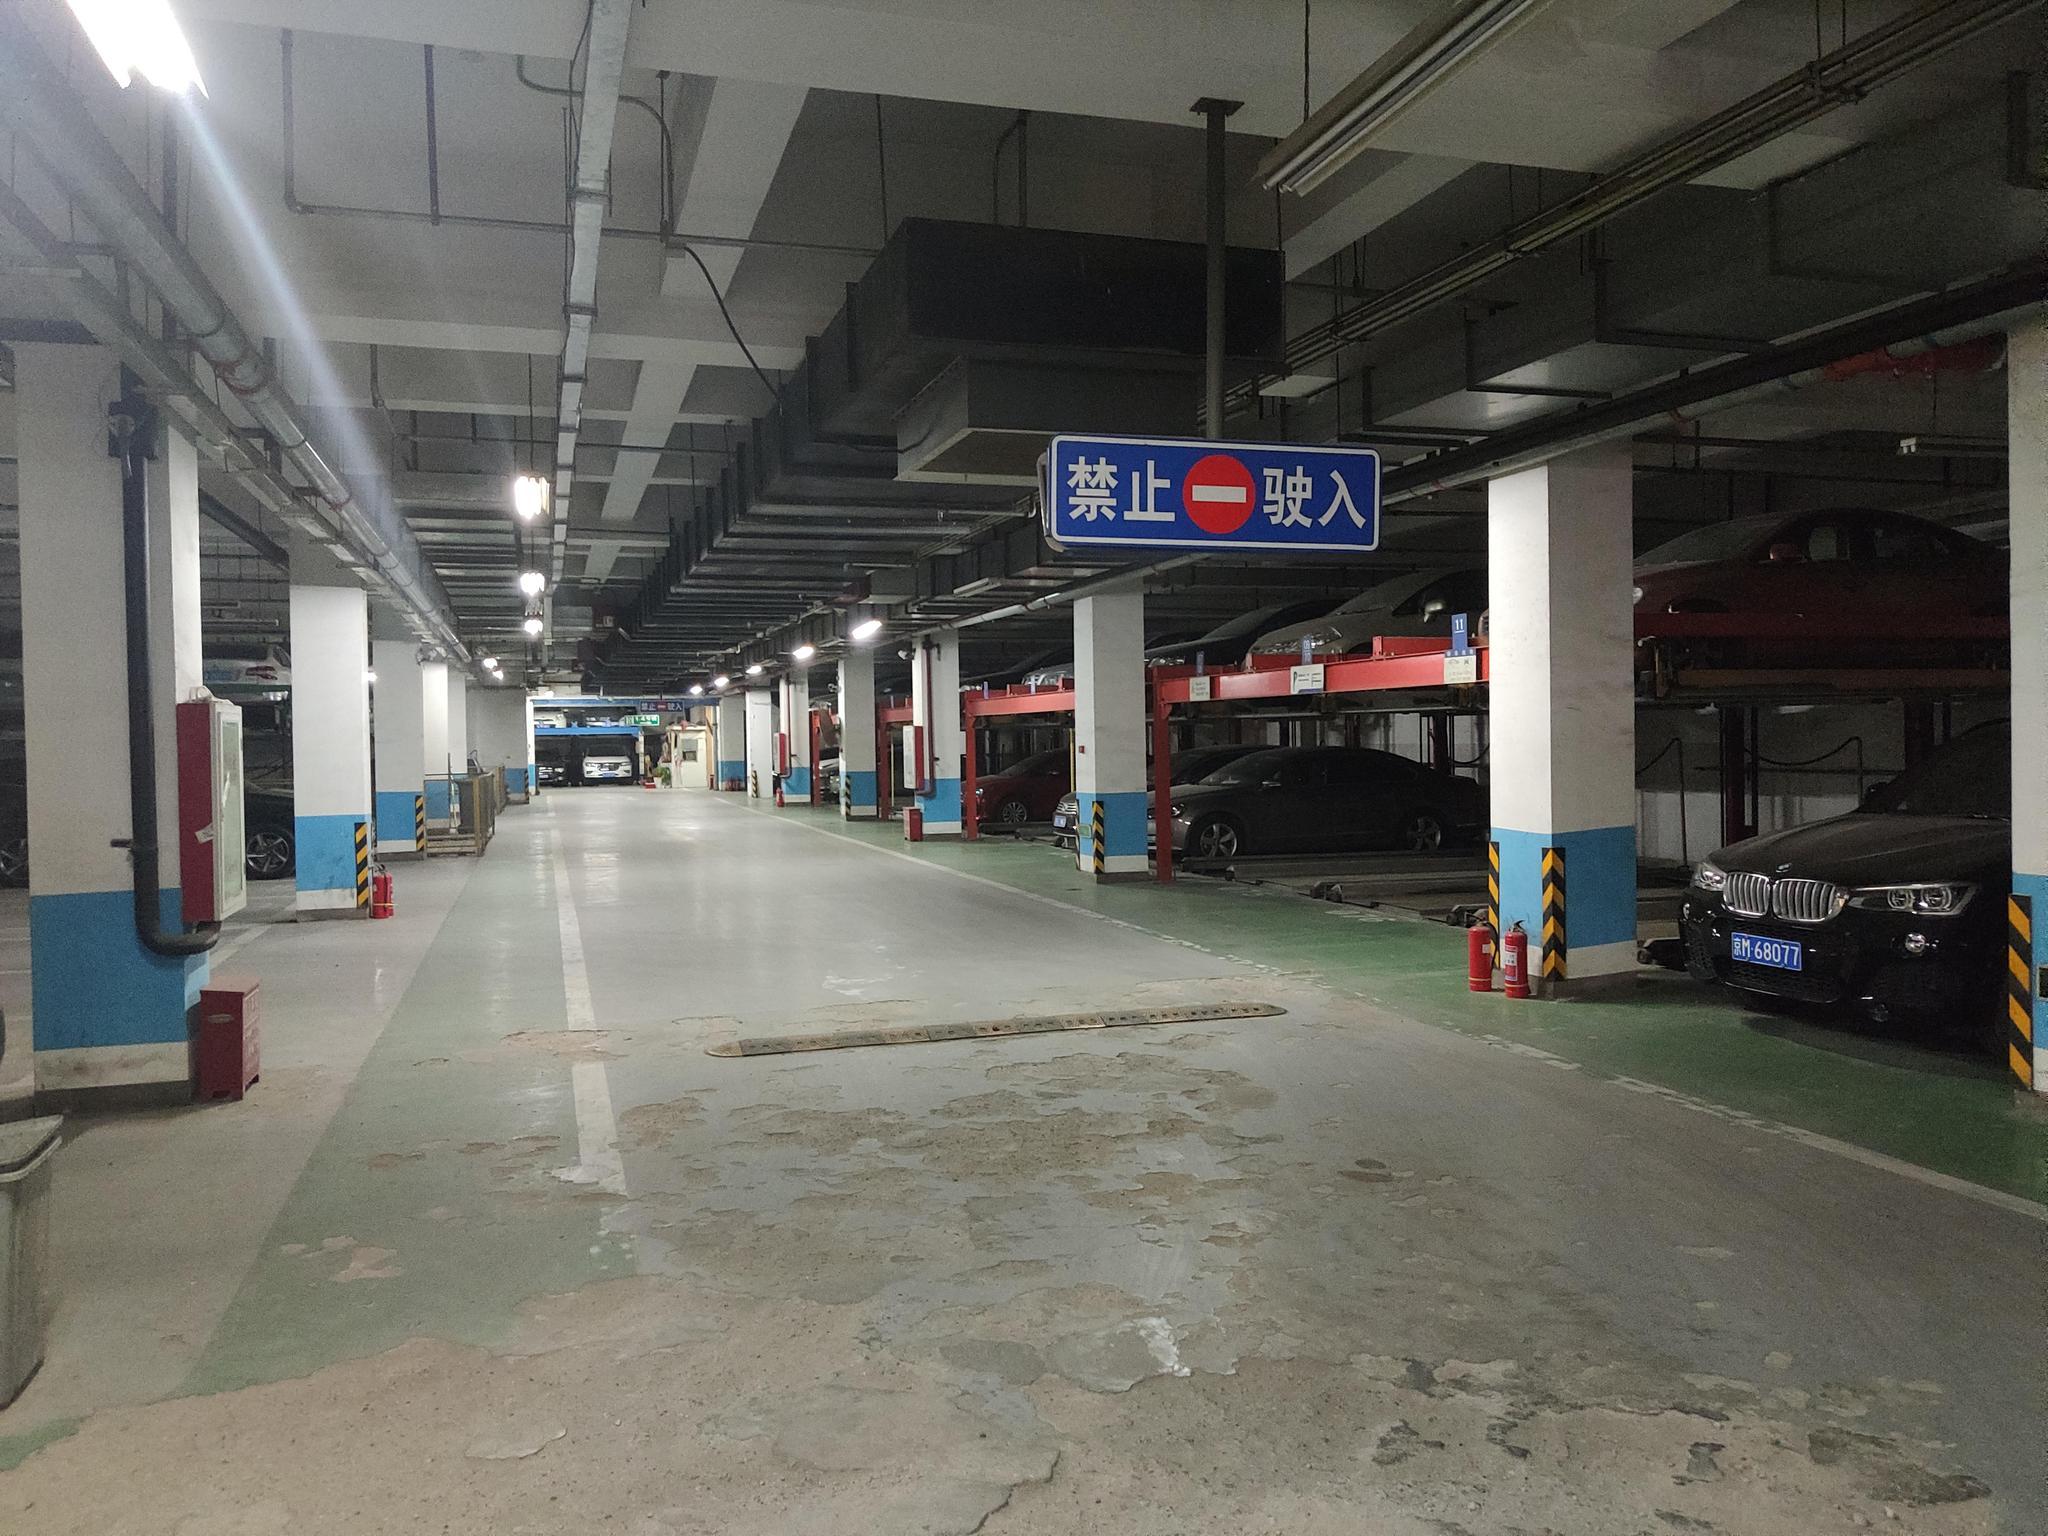 信和嘉园小区地下一层停车场仍为两层机械停车设备。摄影/新京报见习记者周博华